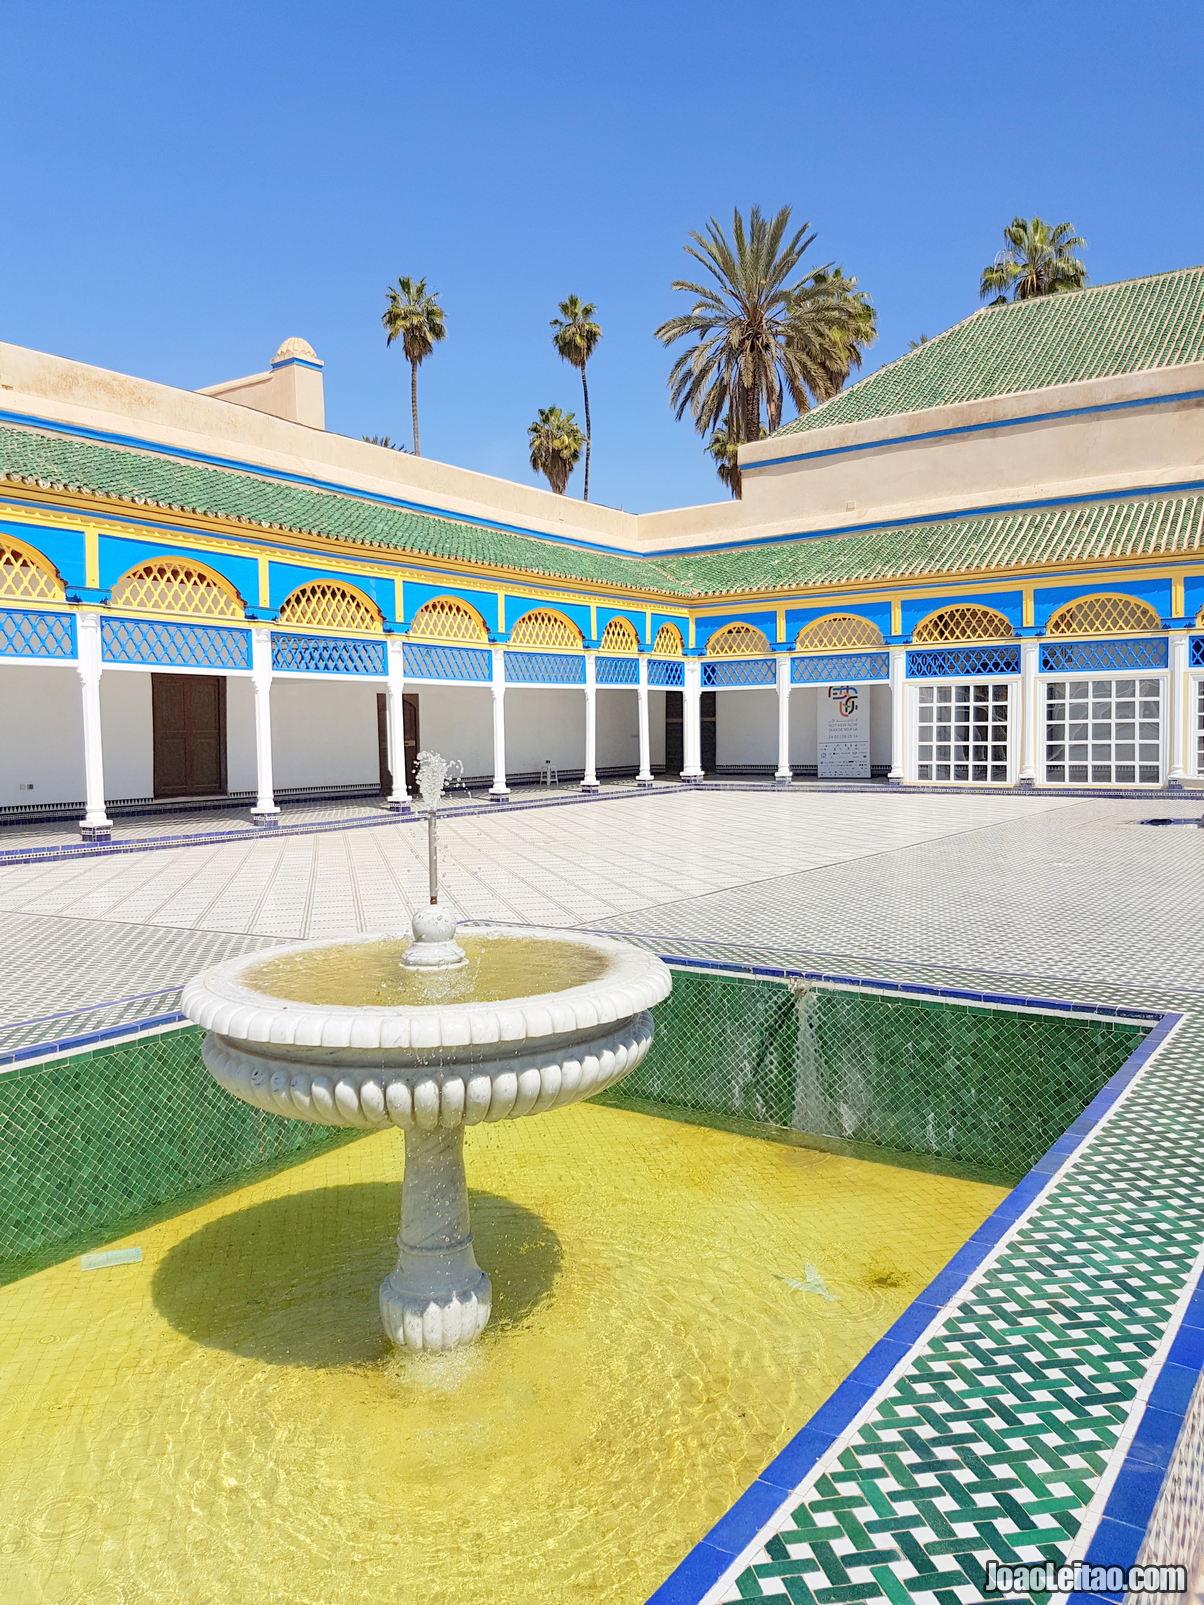 Marrocos • Guia de Viagem • O que Visitar em Marrocos 10